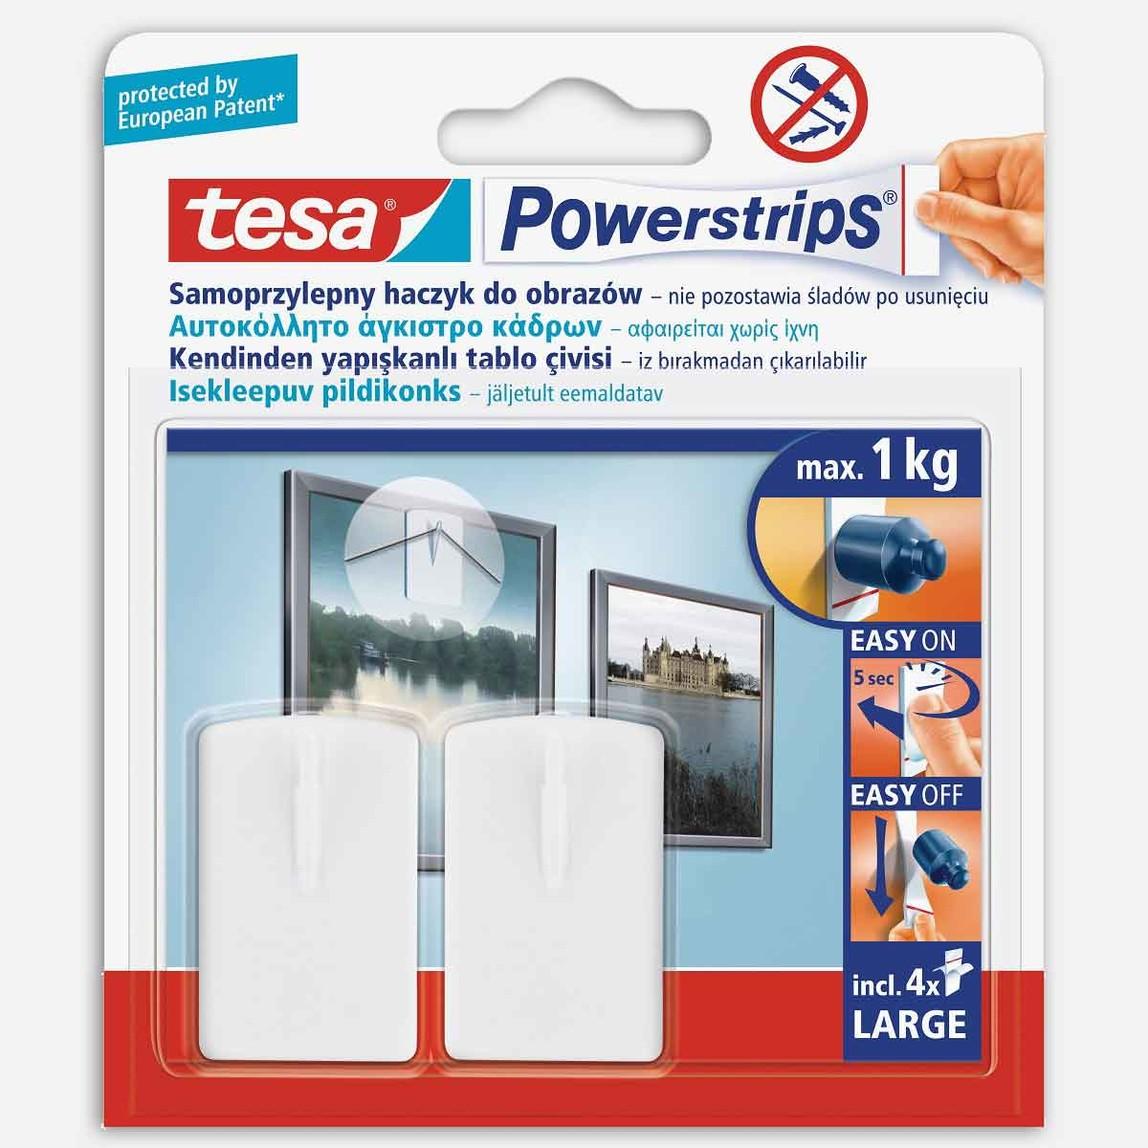 Tesa Powerstrips Çerçeve Askısı Kendinden Yapışkanlı, Çıkarılabilir